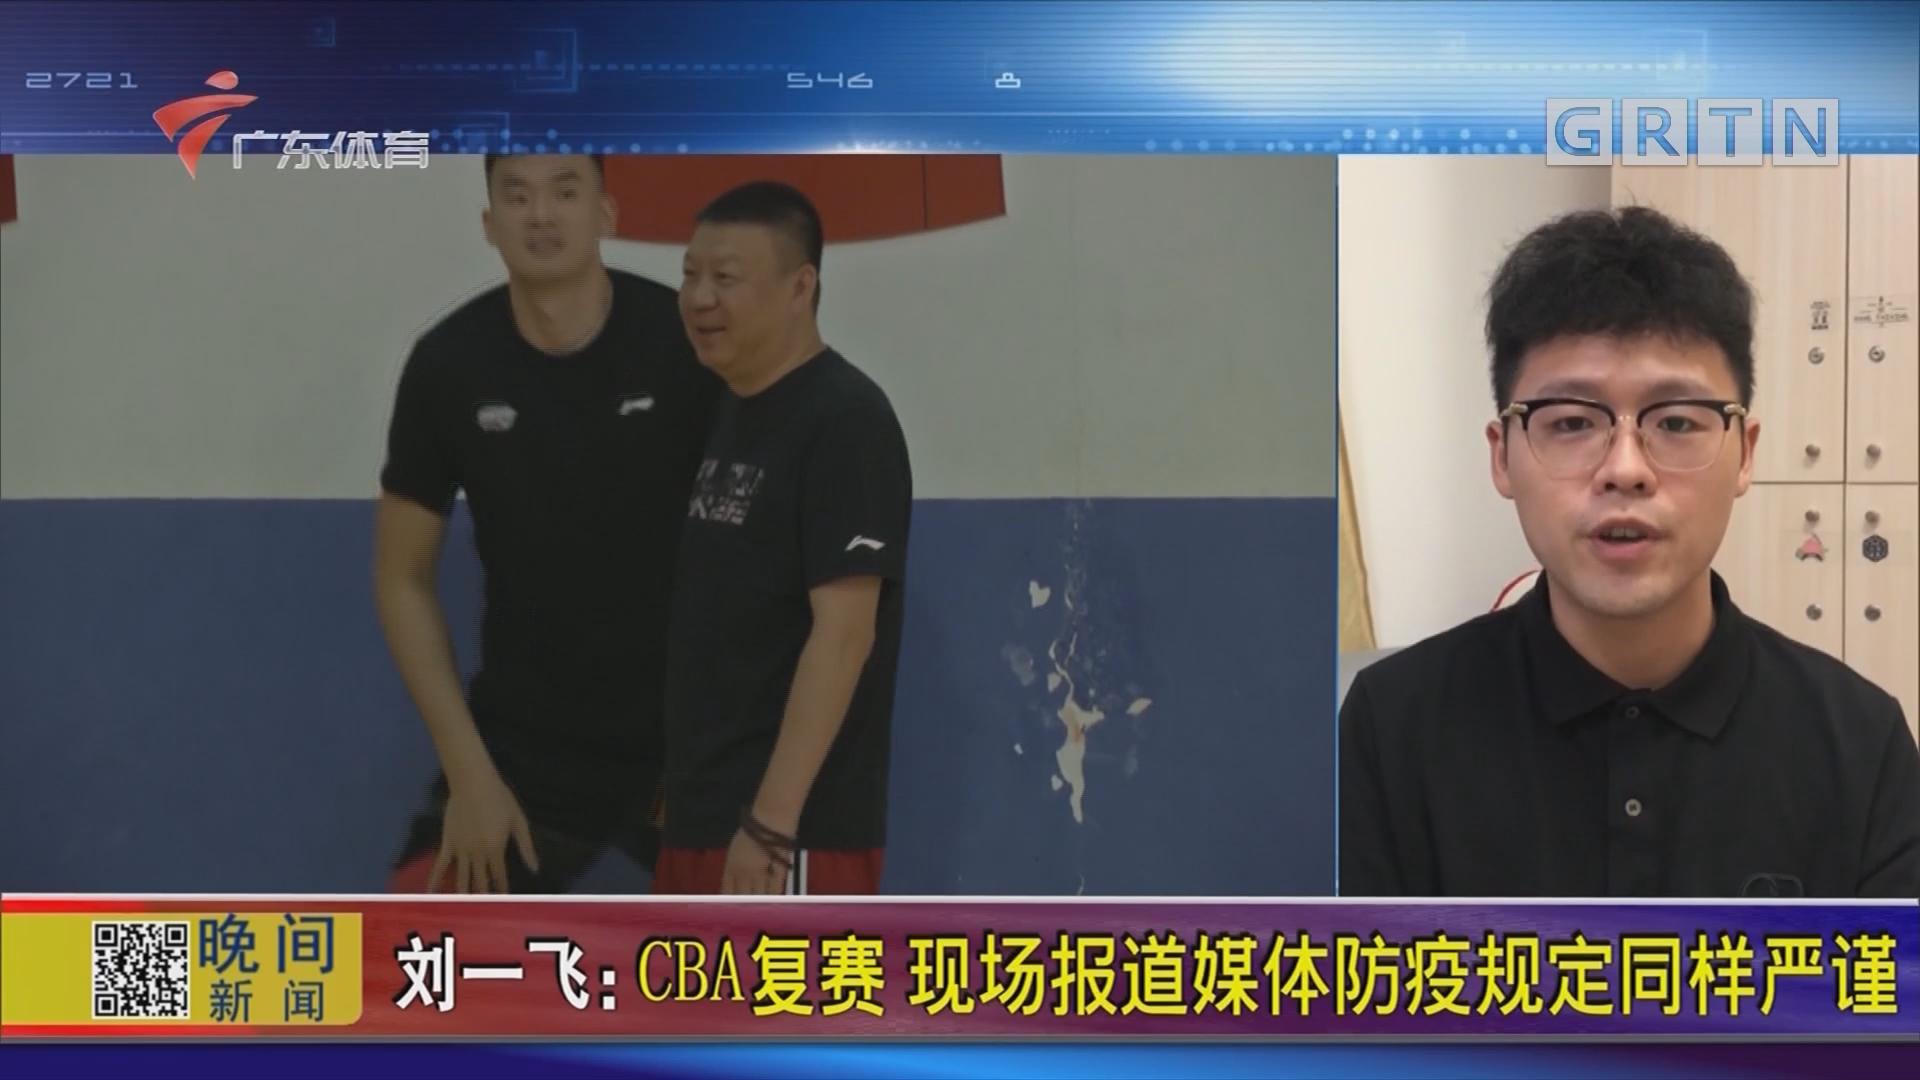 刘一飞:CBA复赛现场报道媒体防疫规定同样严谨